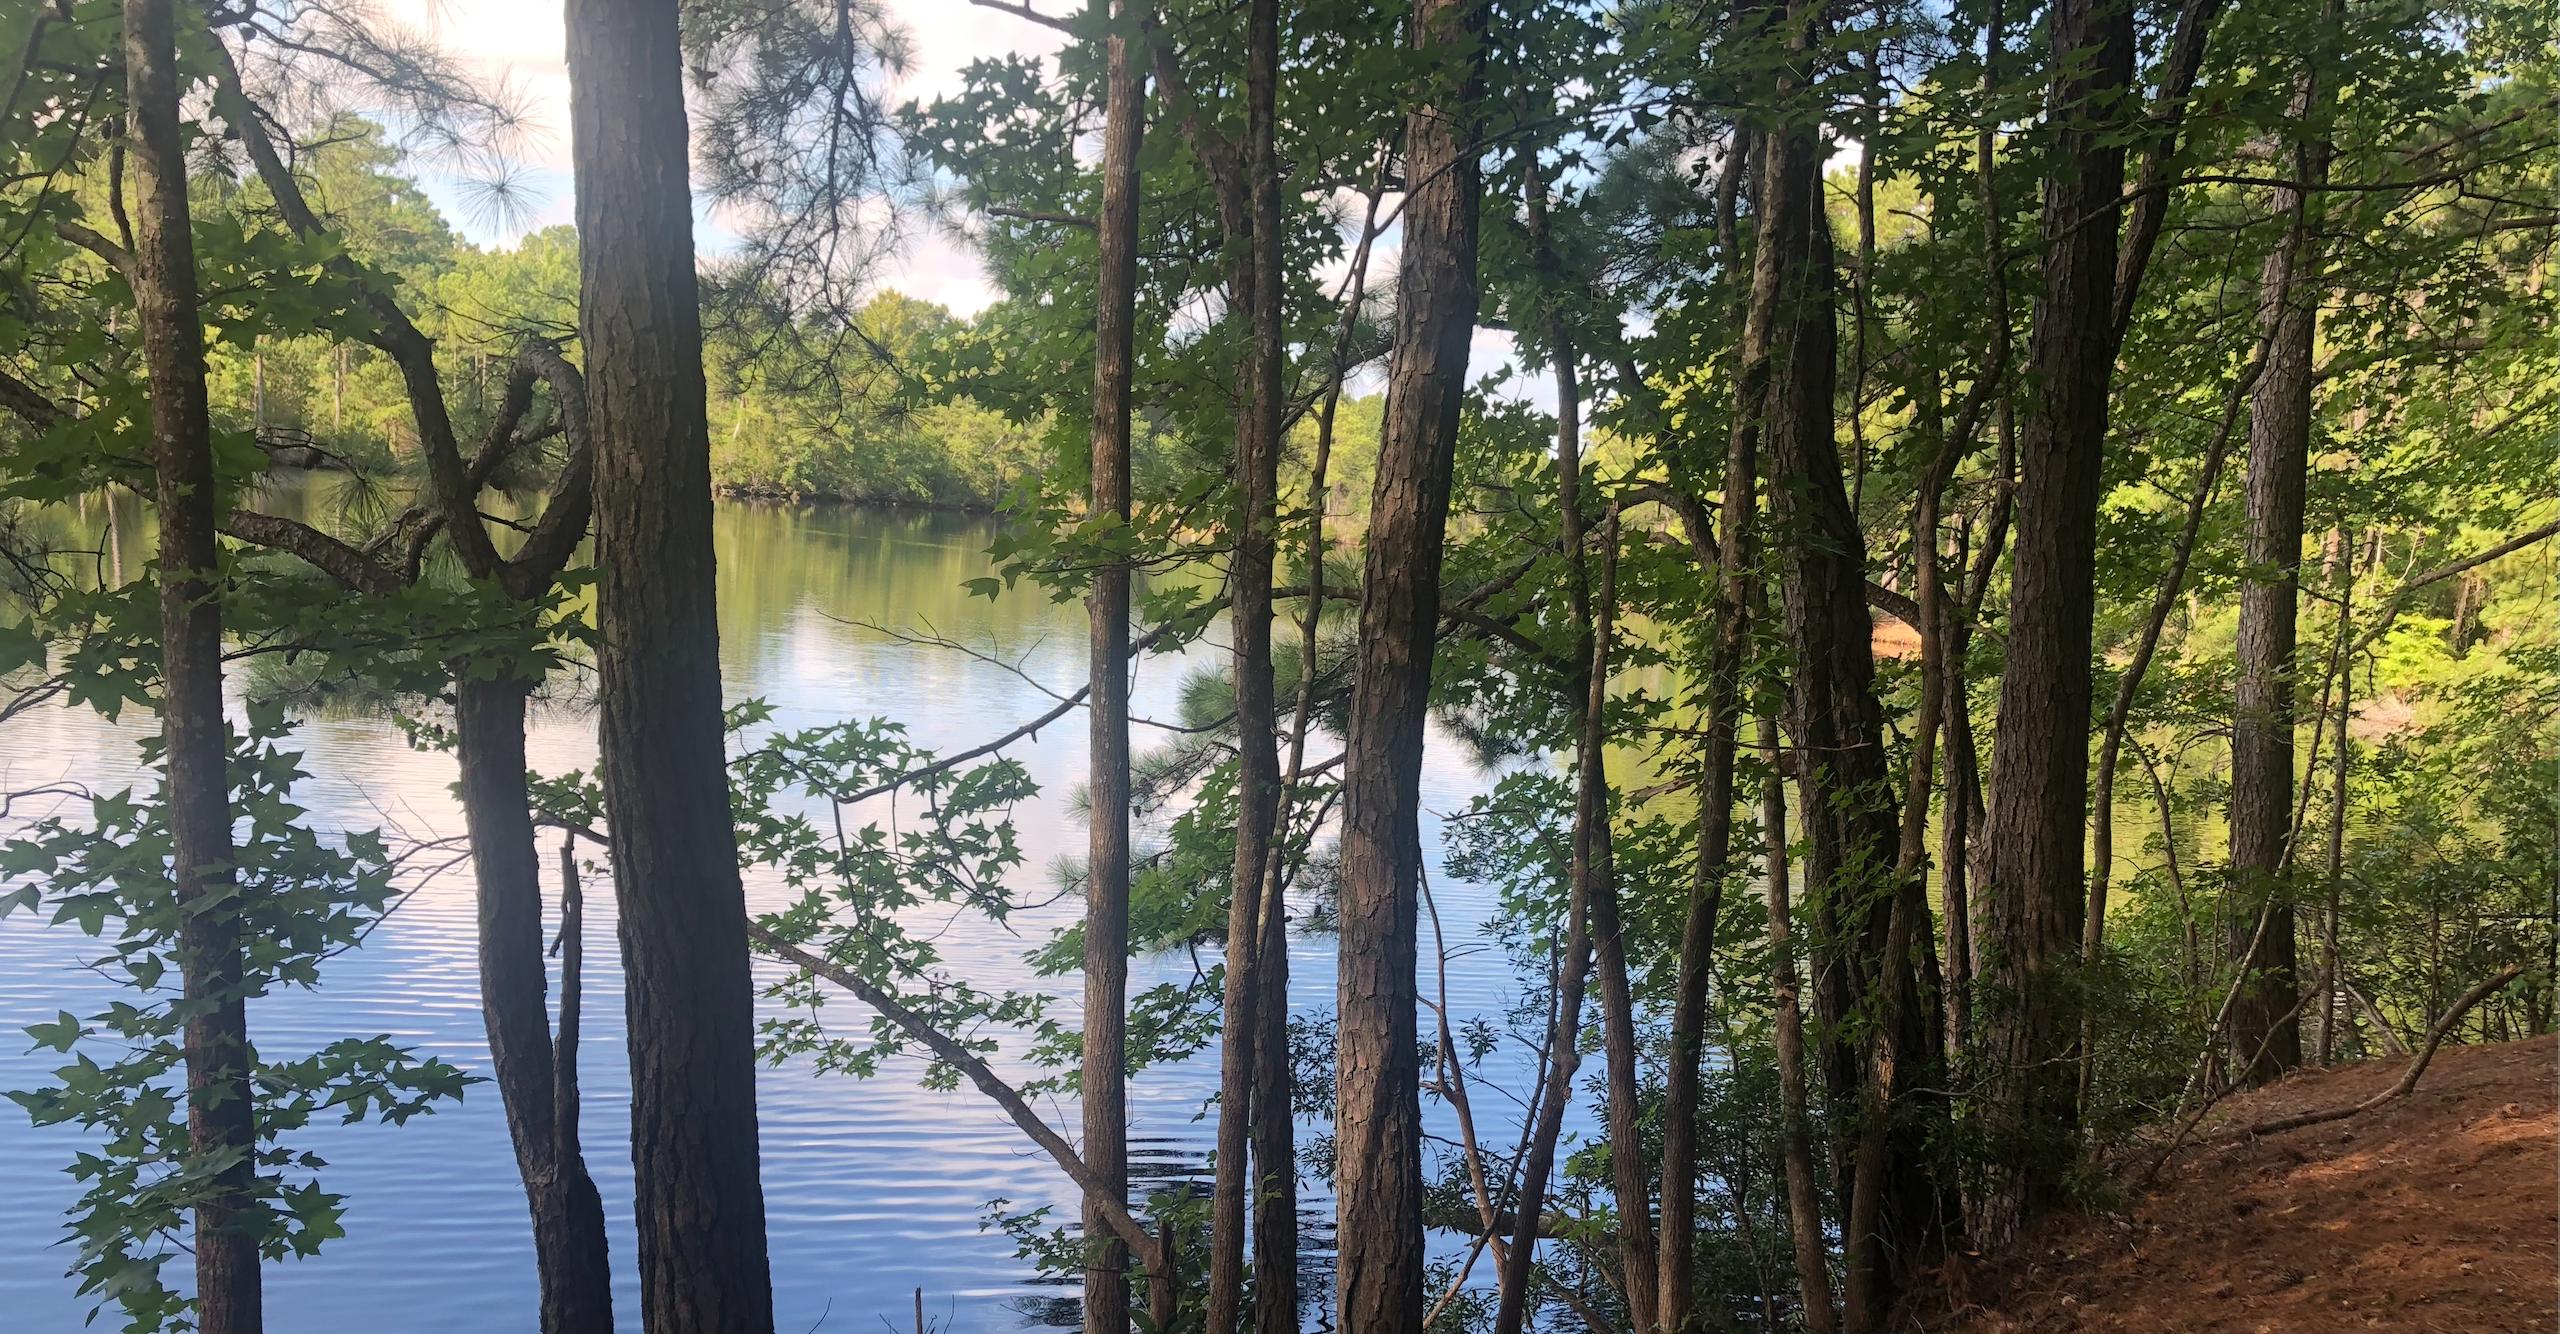 Lake Lawson/Lake Smith